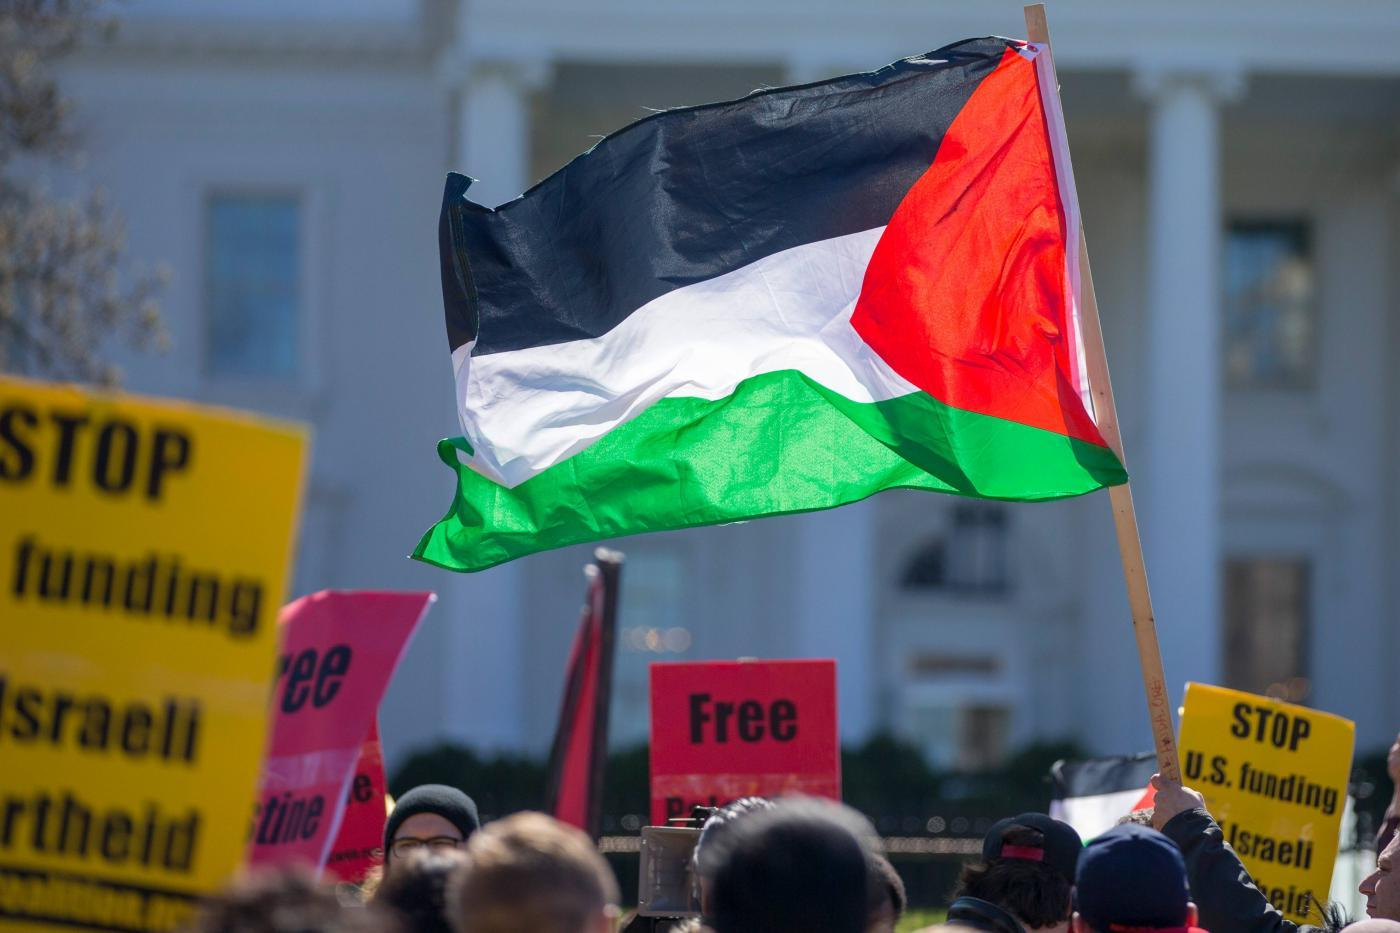 Majority of Democrats say US should focus political pressure on Israel